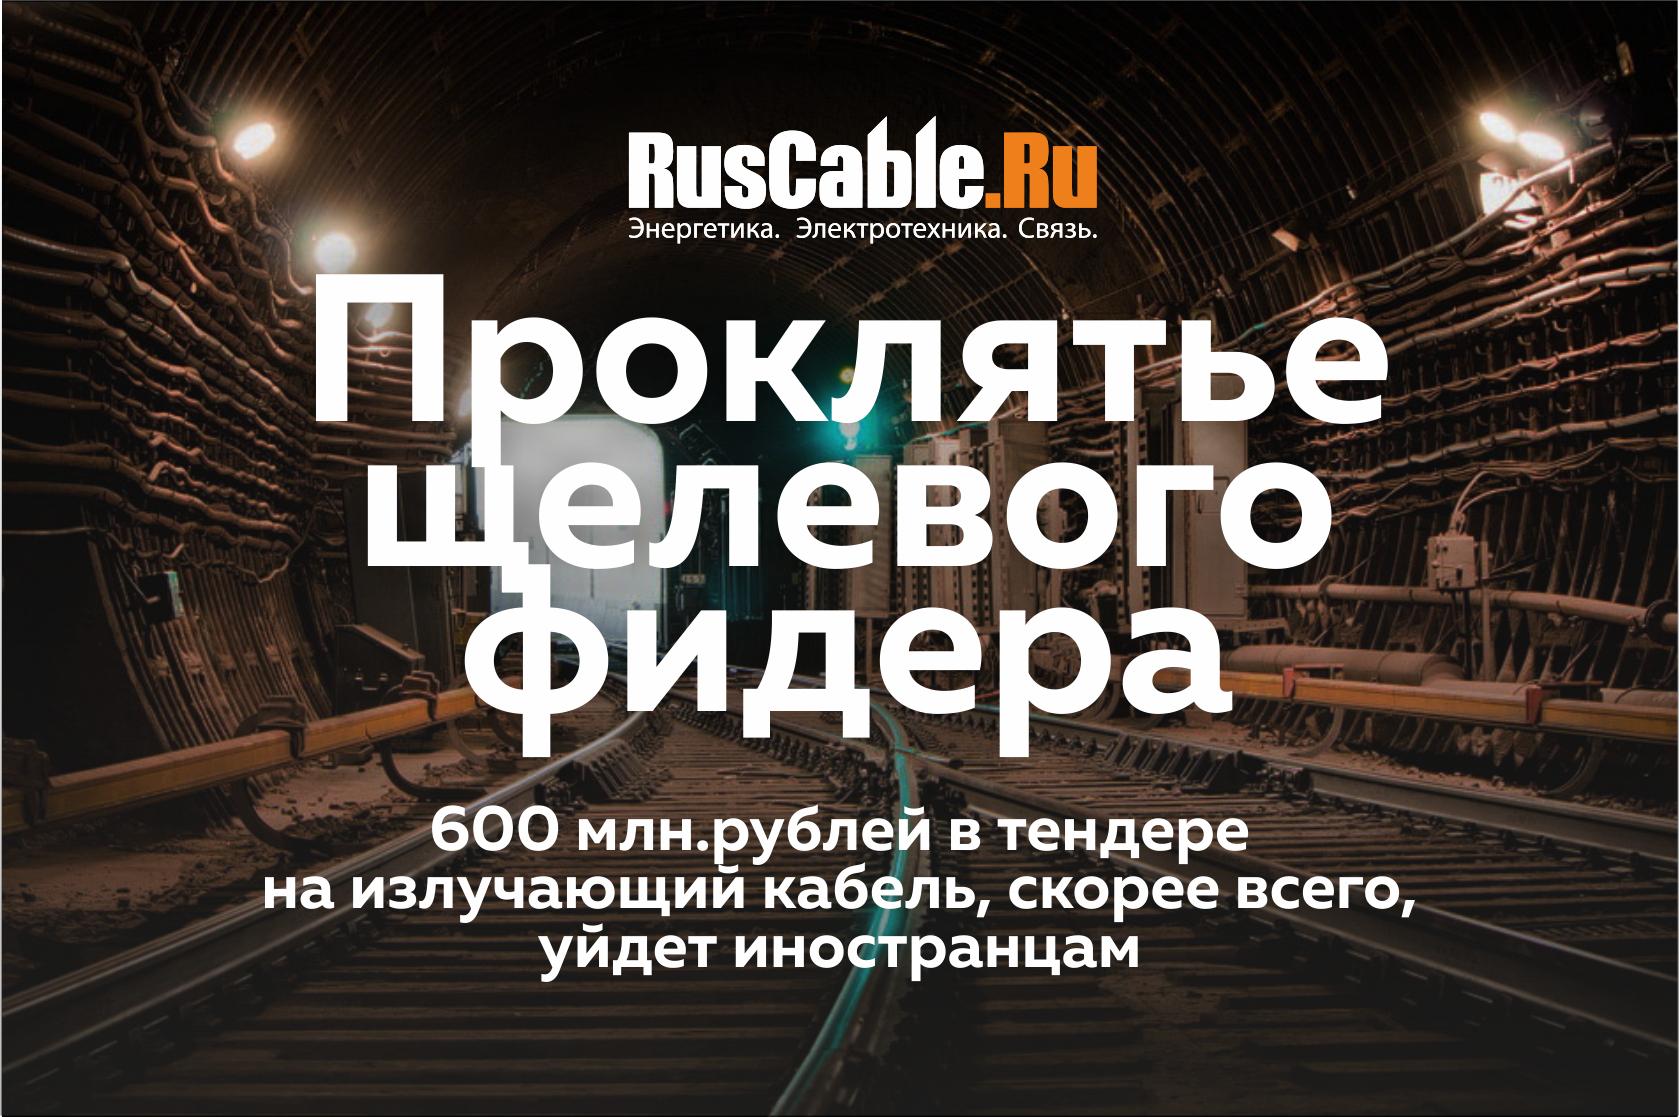 Проклятье щелевого фидера. 600 миллионов рублей на излучающий кабель, скорее в...